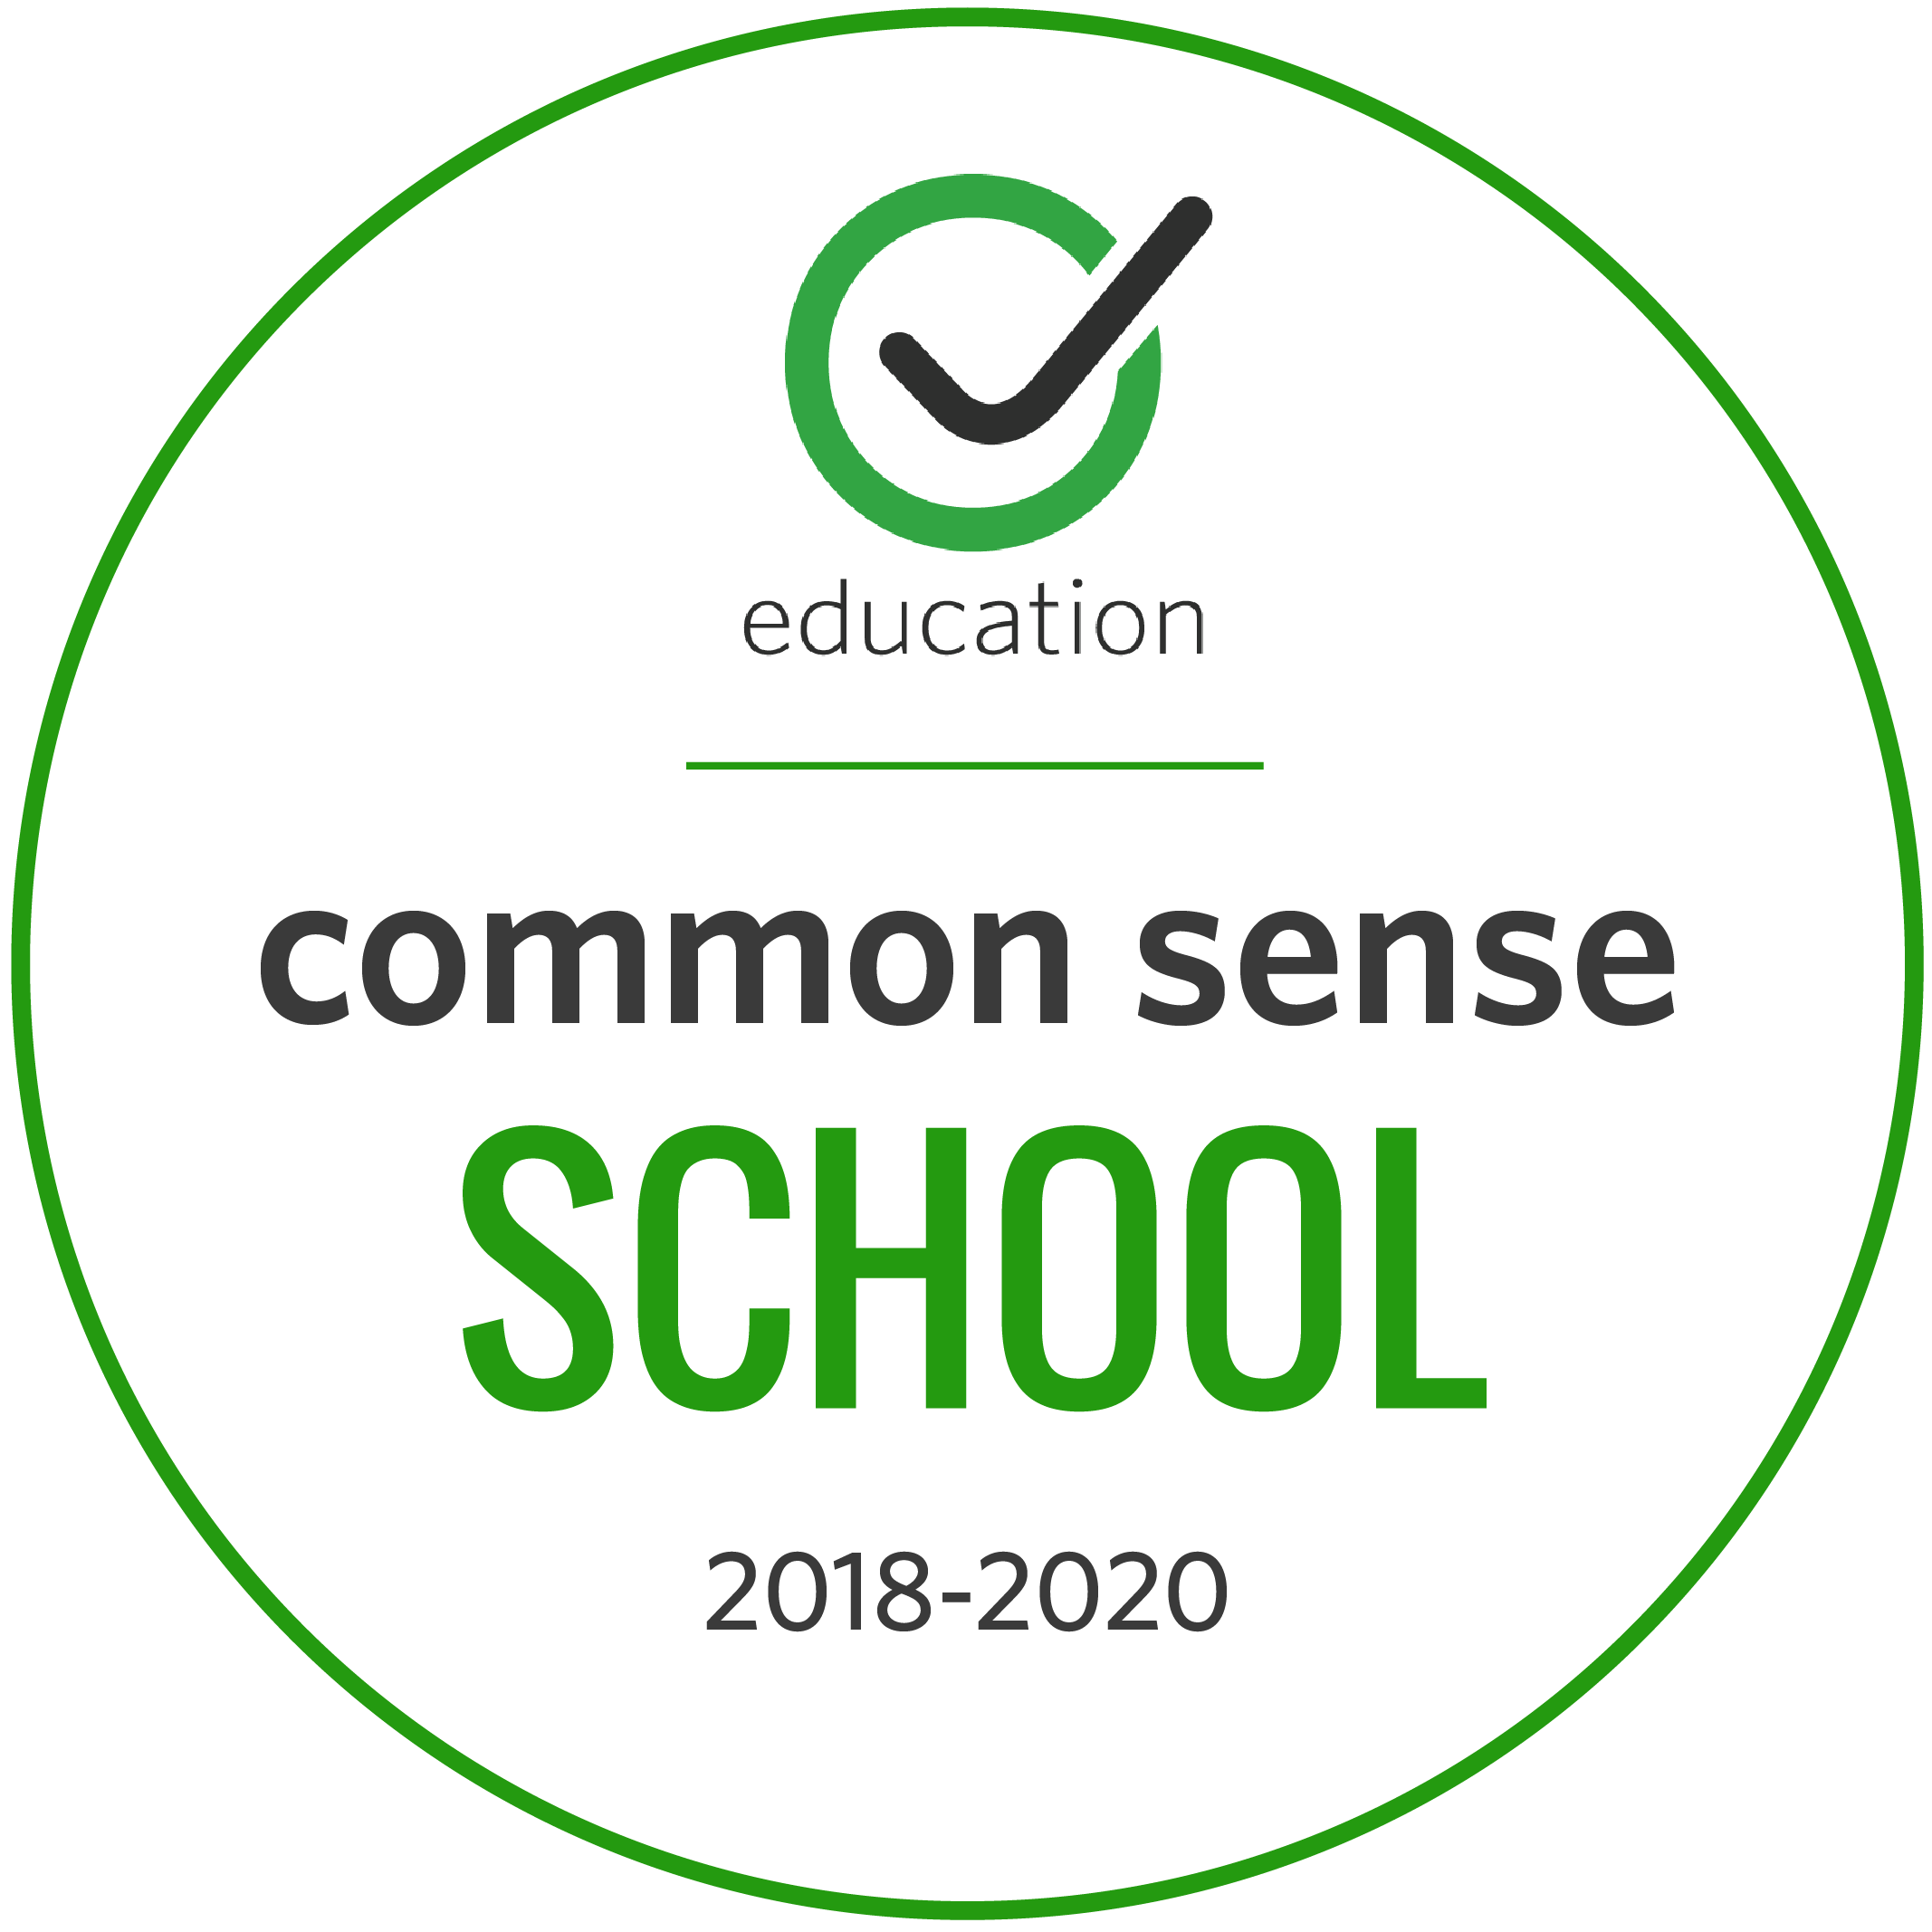 SchoolBadge2018-2020.png